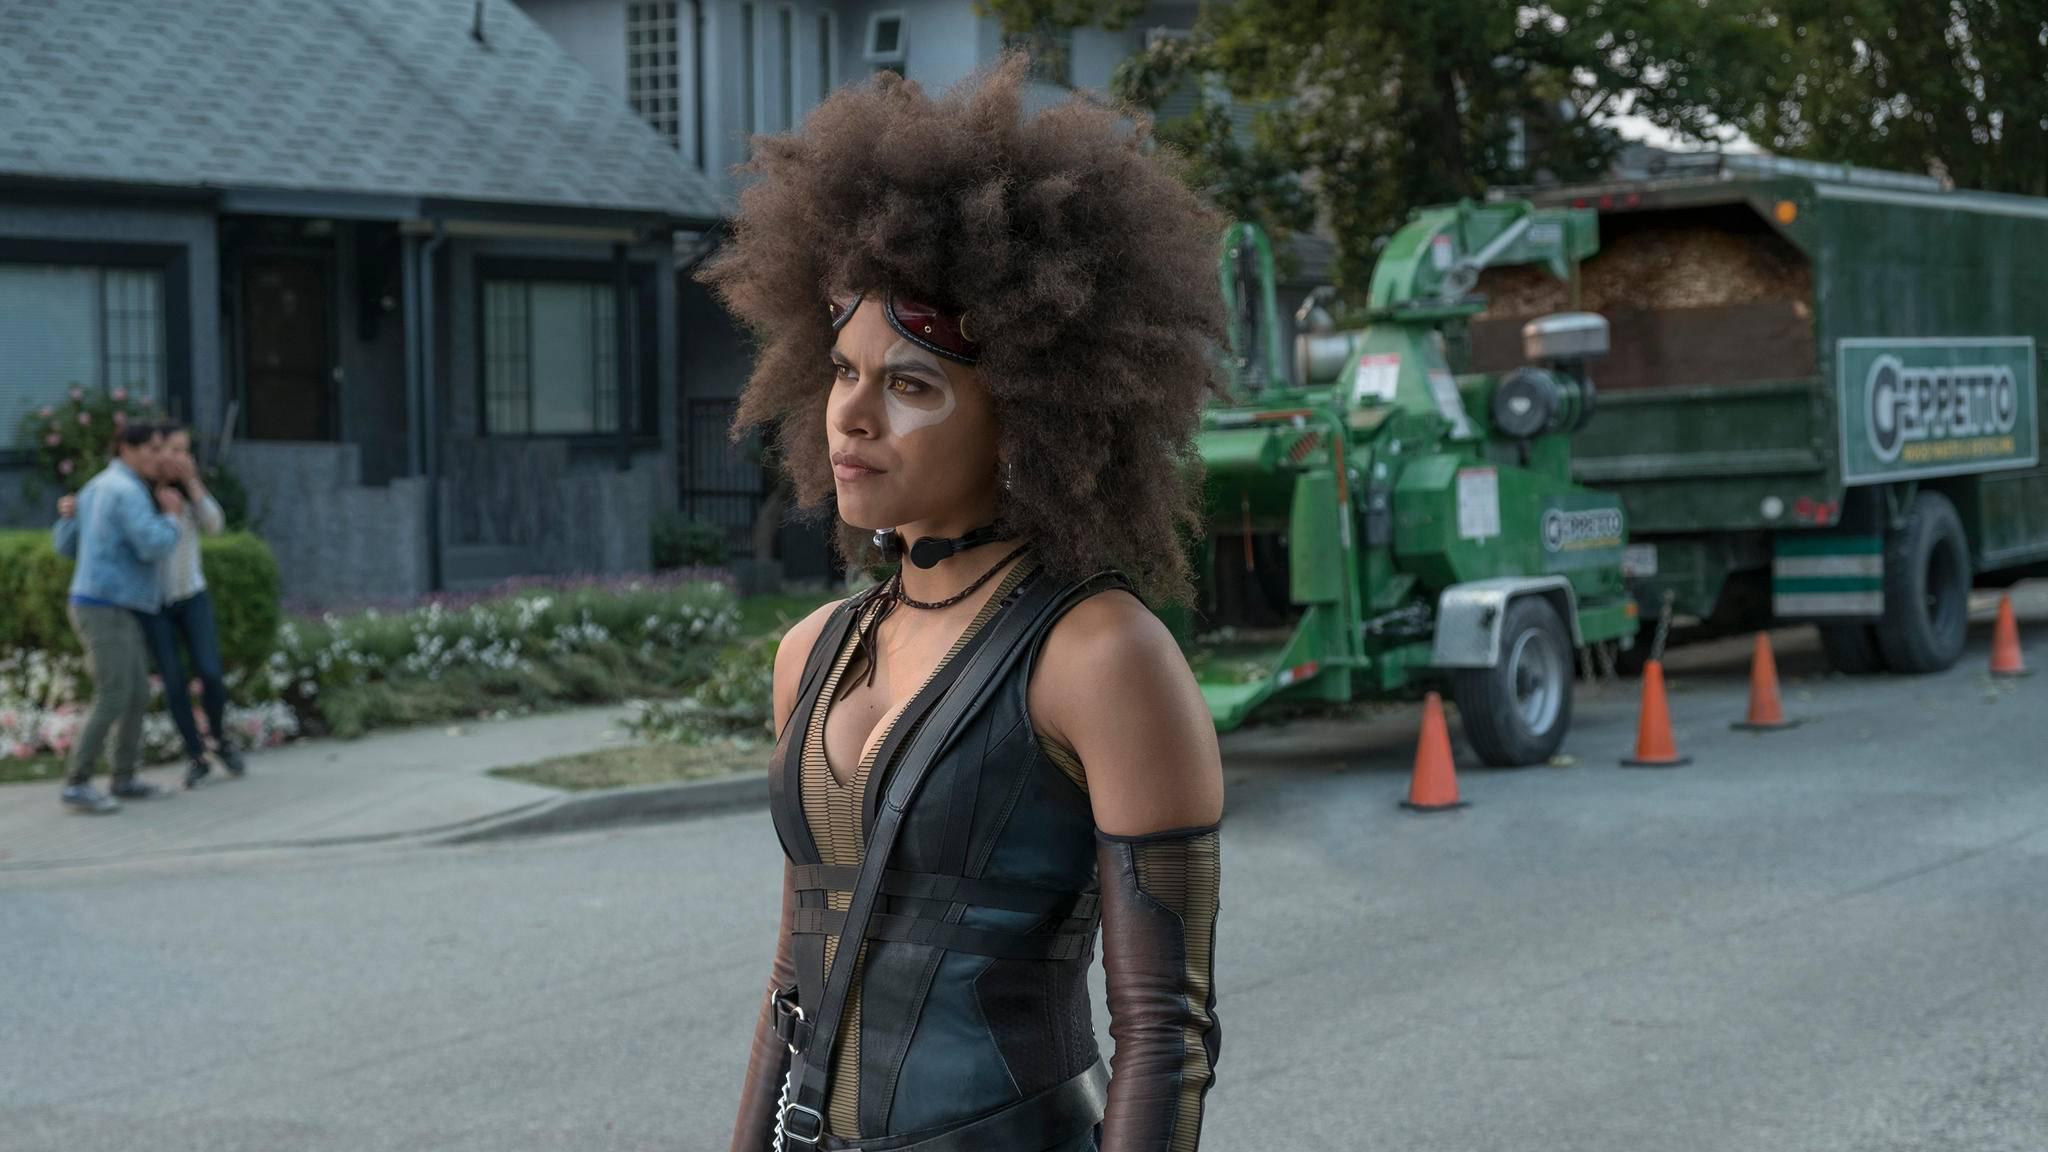 """Mit ihrem Domino-Look aus """"Deadpool 2"""" hätte Zazie Beetz eigentlich auch ganz gut zu DCs Joker gepasst ..."""